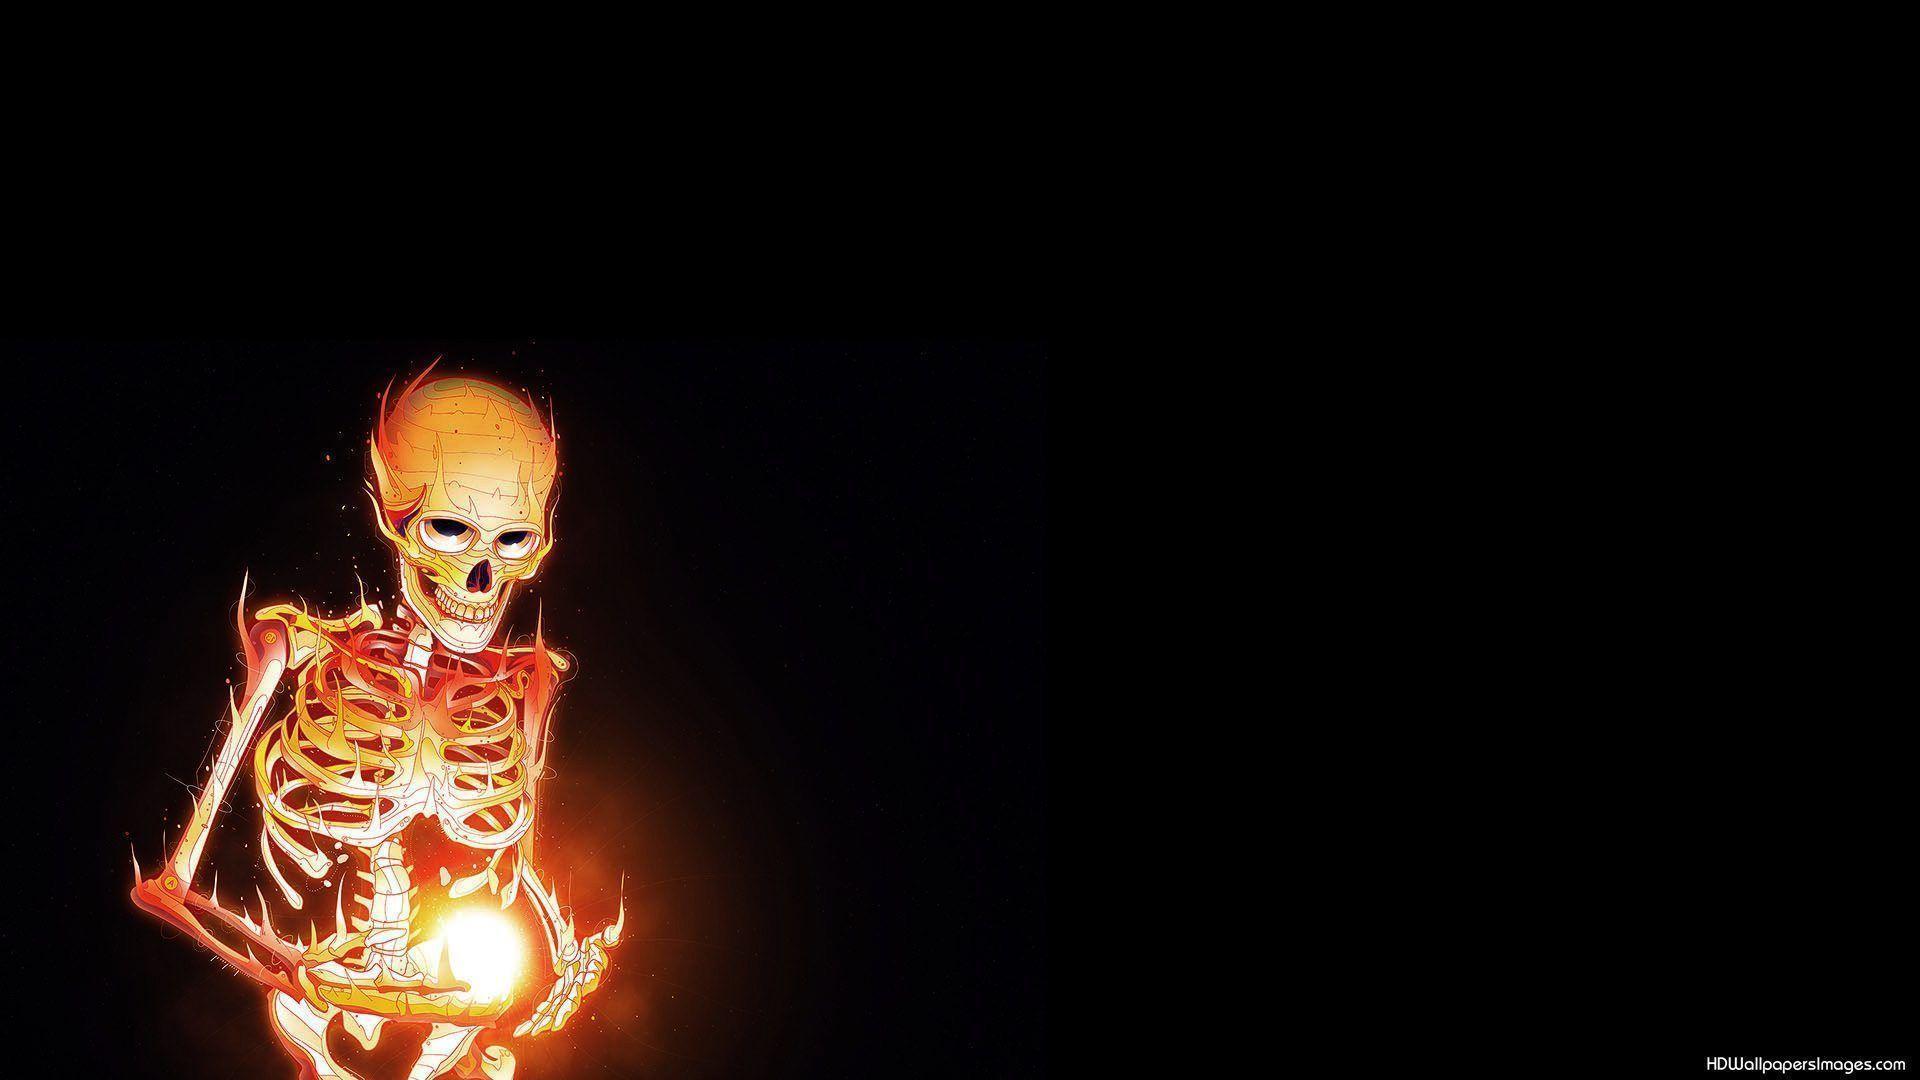 папиллому удалось движущиеся картинки на телефон скелеты жизни напомним